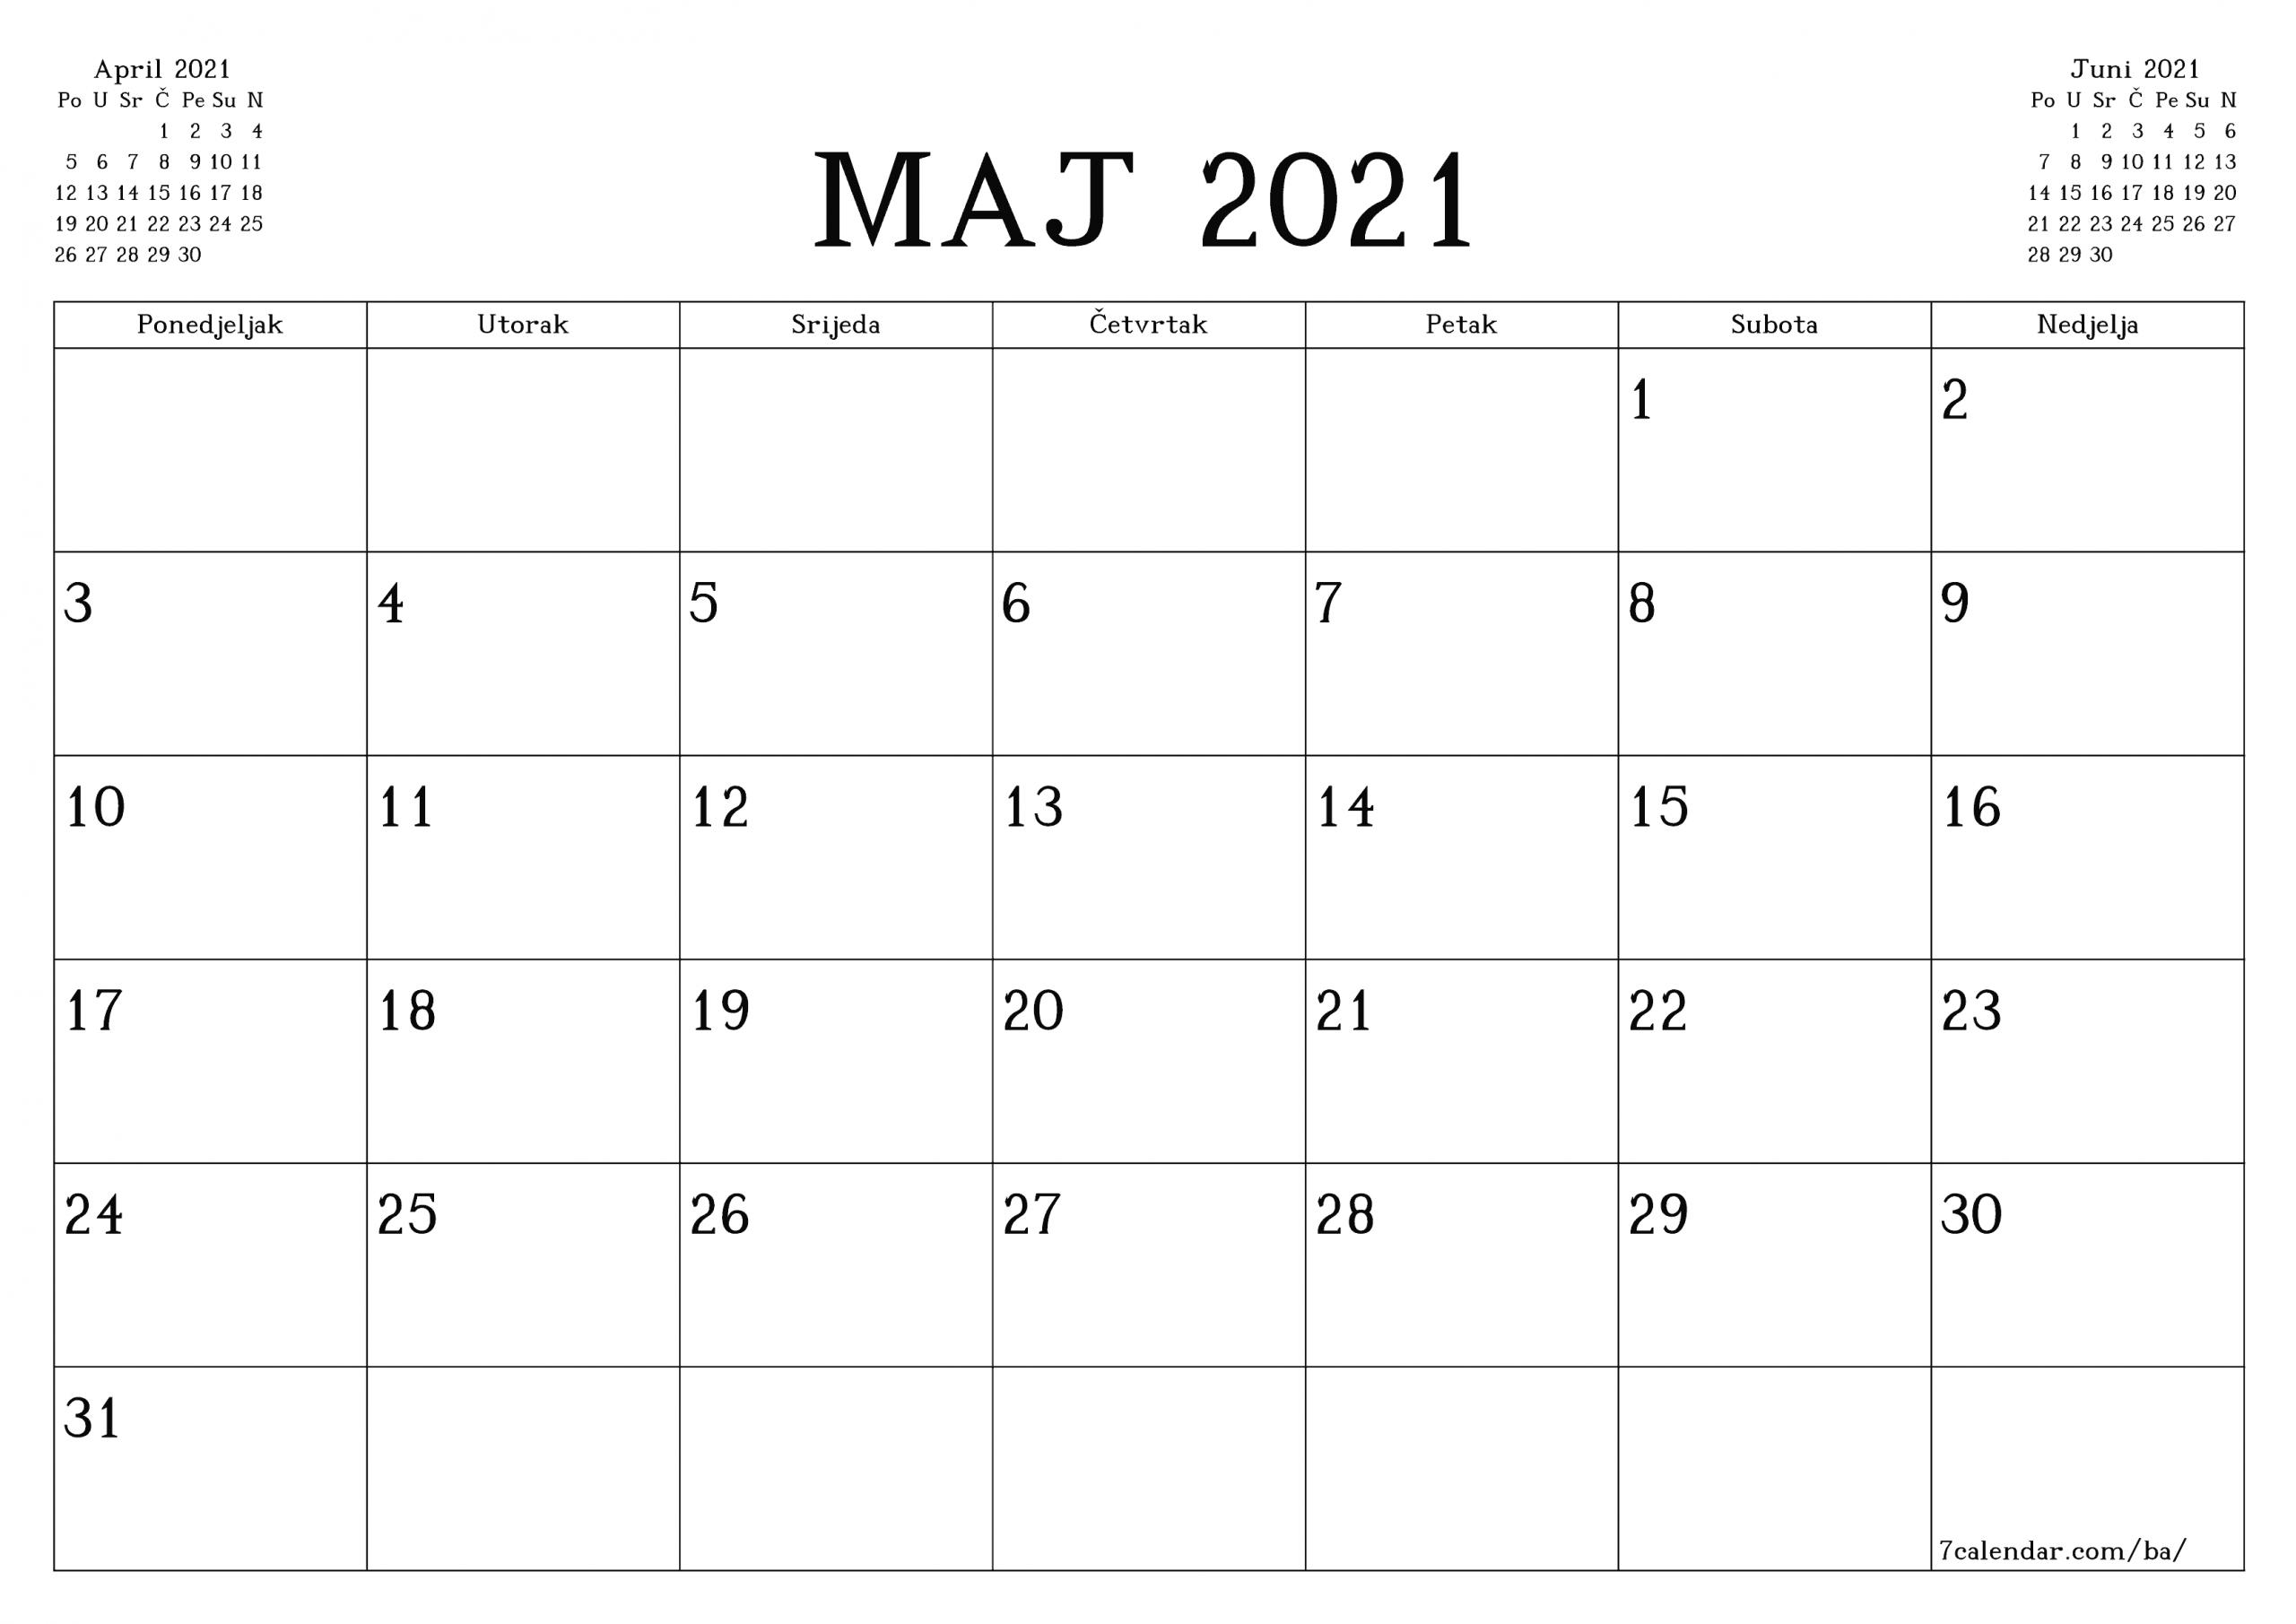 Ispis Kalendara, Jedrilica, Planiranje Unosa Na Maj 2021